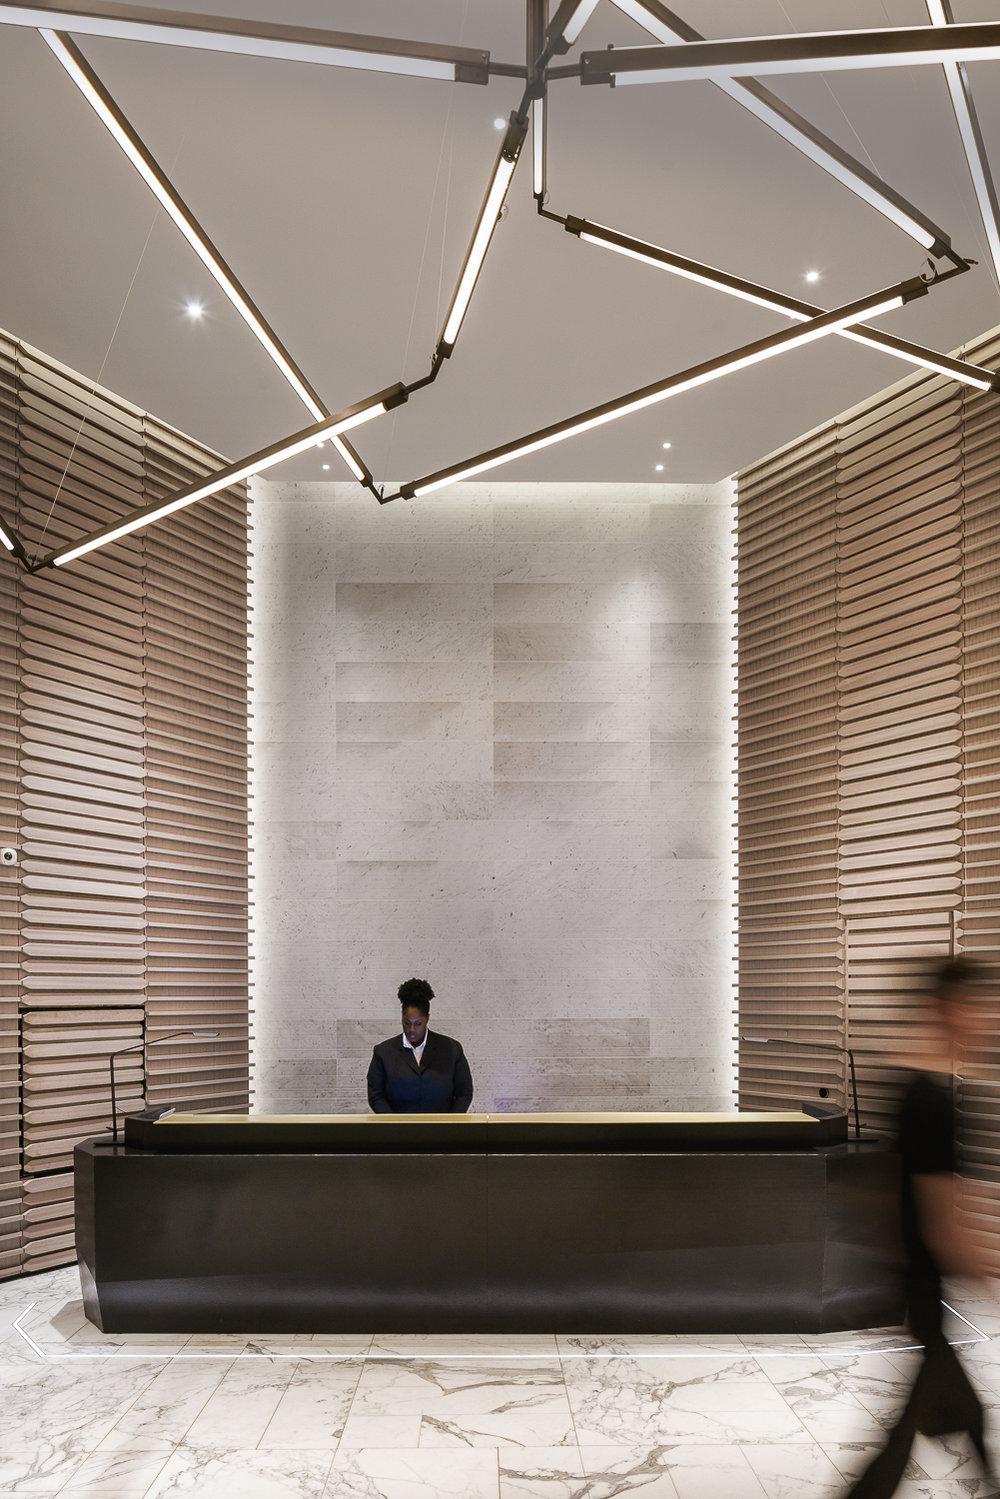 Studio Munge / William Vale Hotel